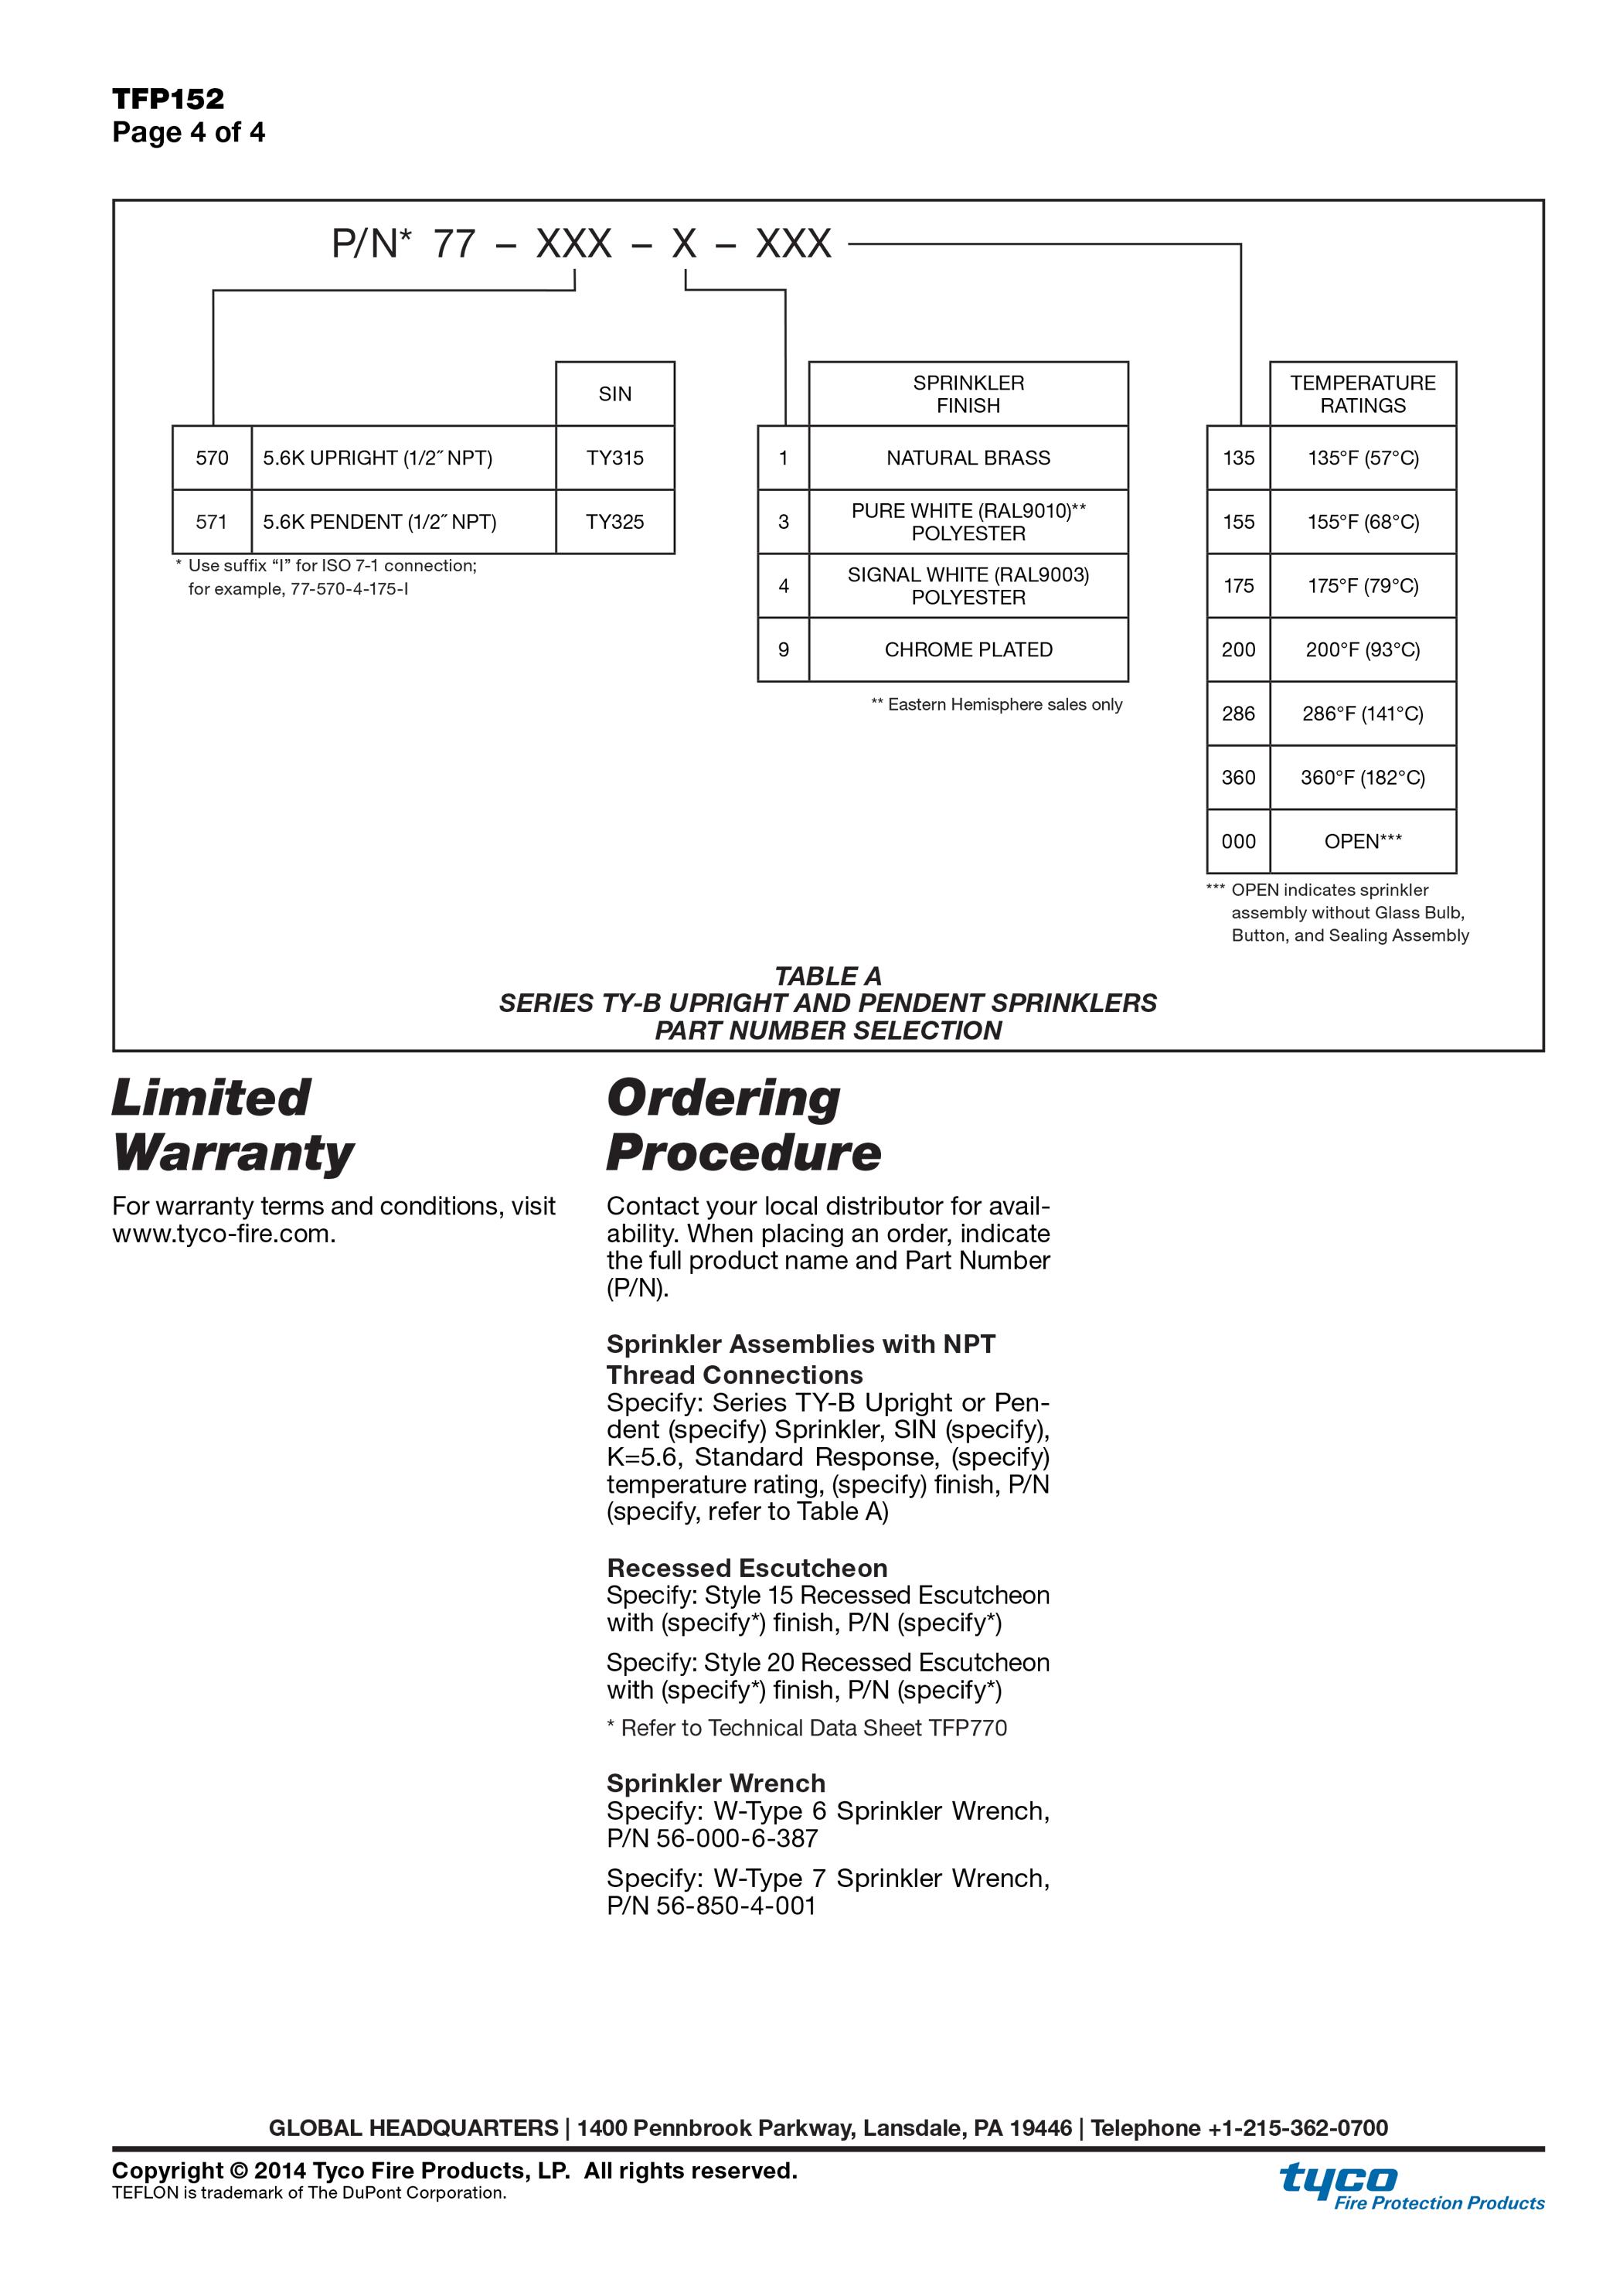 Catalogue-dau-phun-sprinkler-ty325-ty315